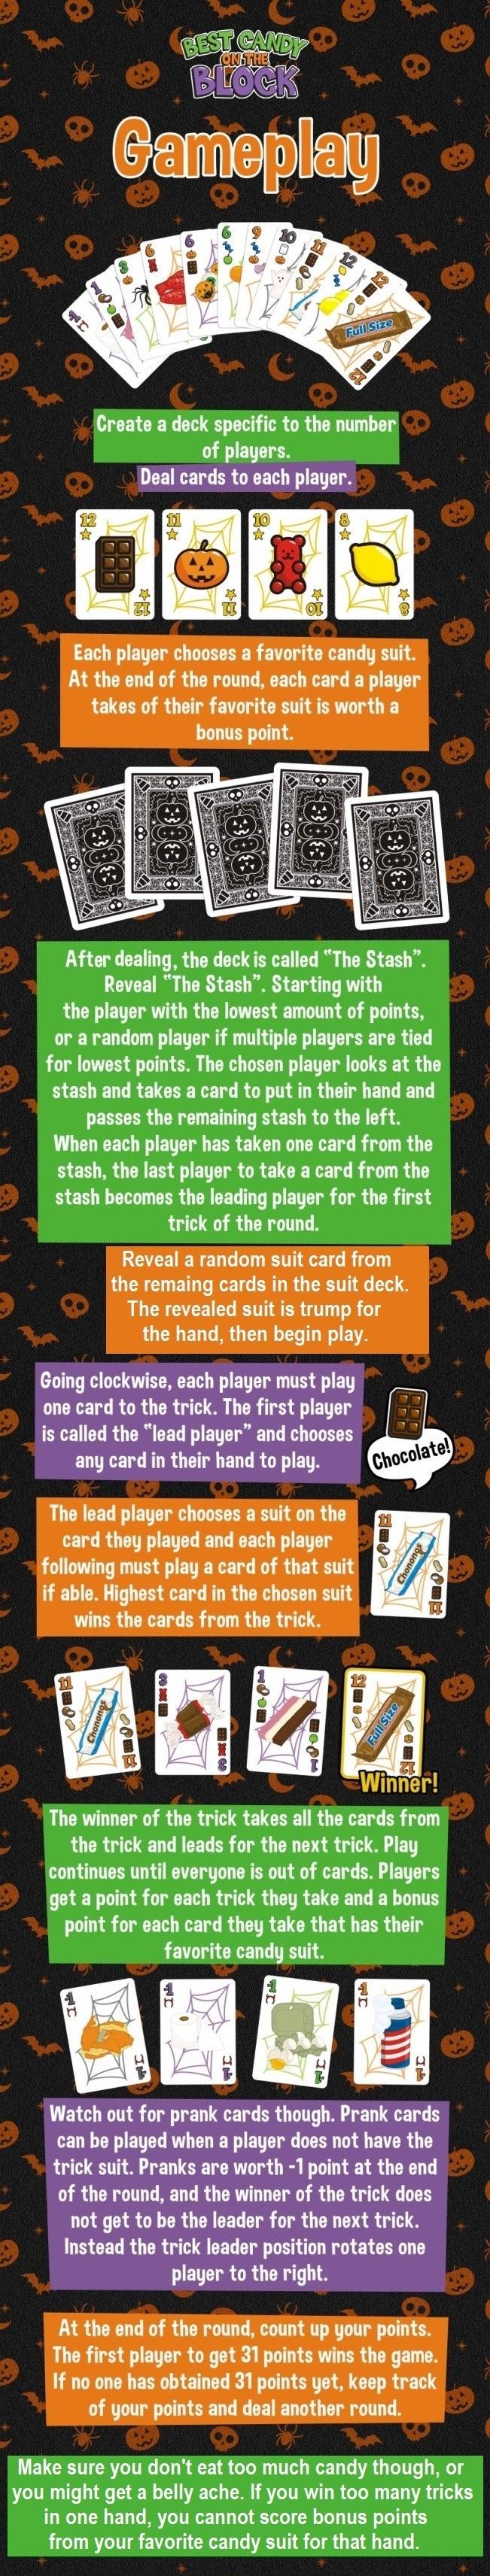 Gameplay info